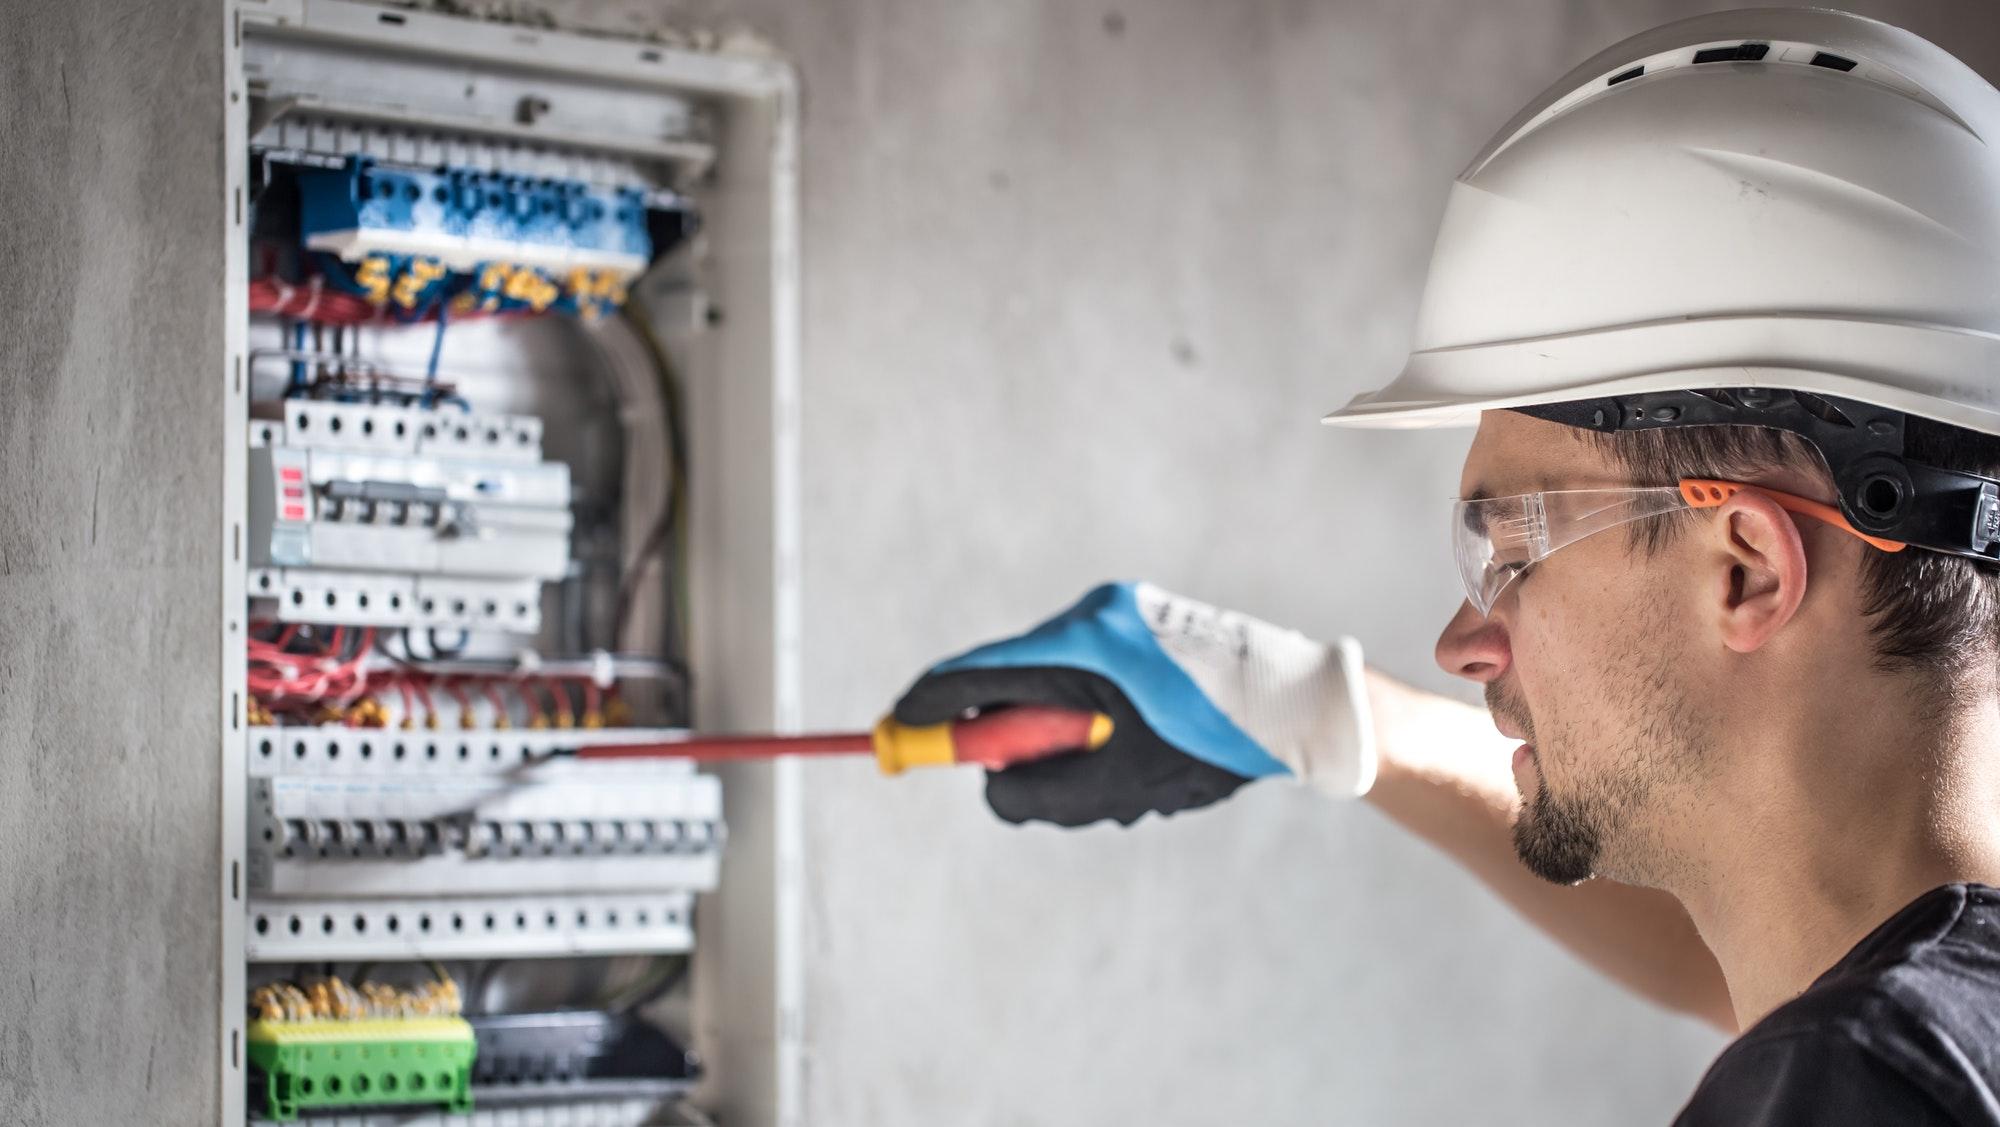 Læs om flytning af eltavle - Love, regler og priser flytning af el-tavle, på denne side kan du læse om flytning af el tavle priser og se priseksempel